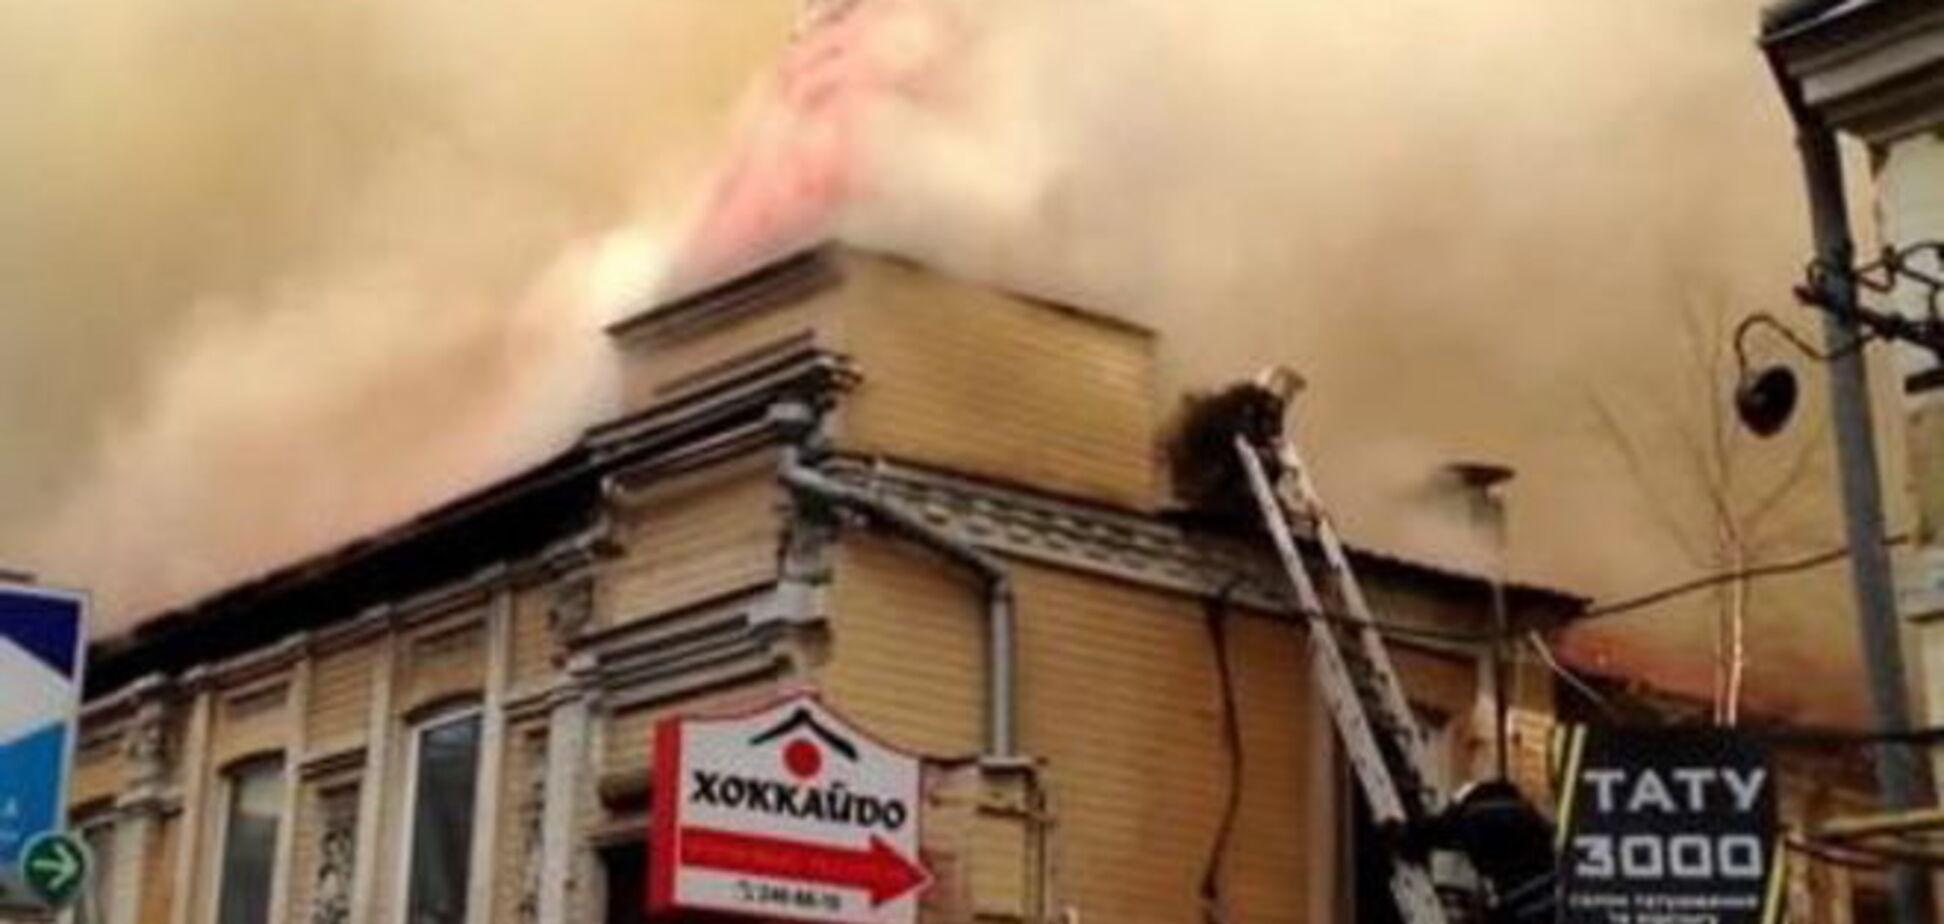 На месте пожара на Саксаганского в Киеве найдена канистра с бензином